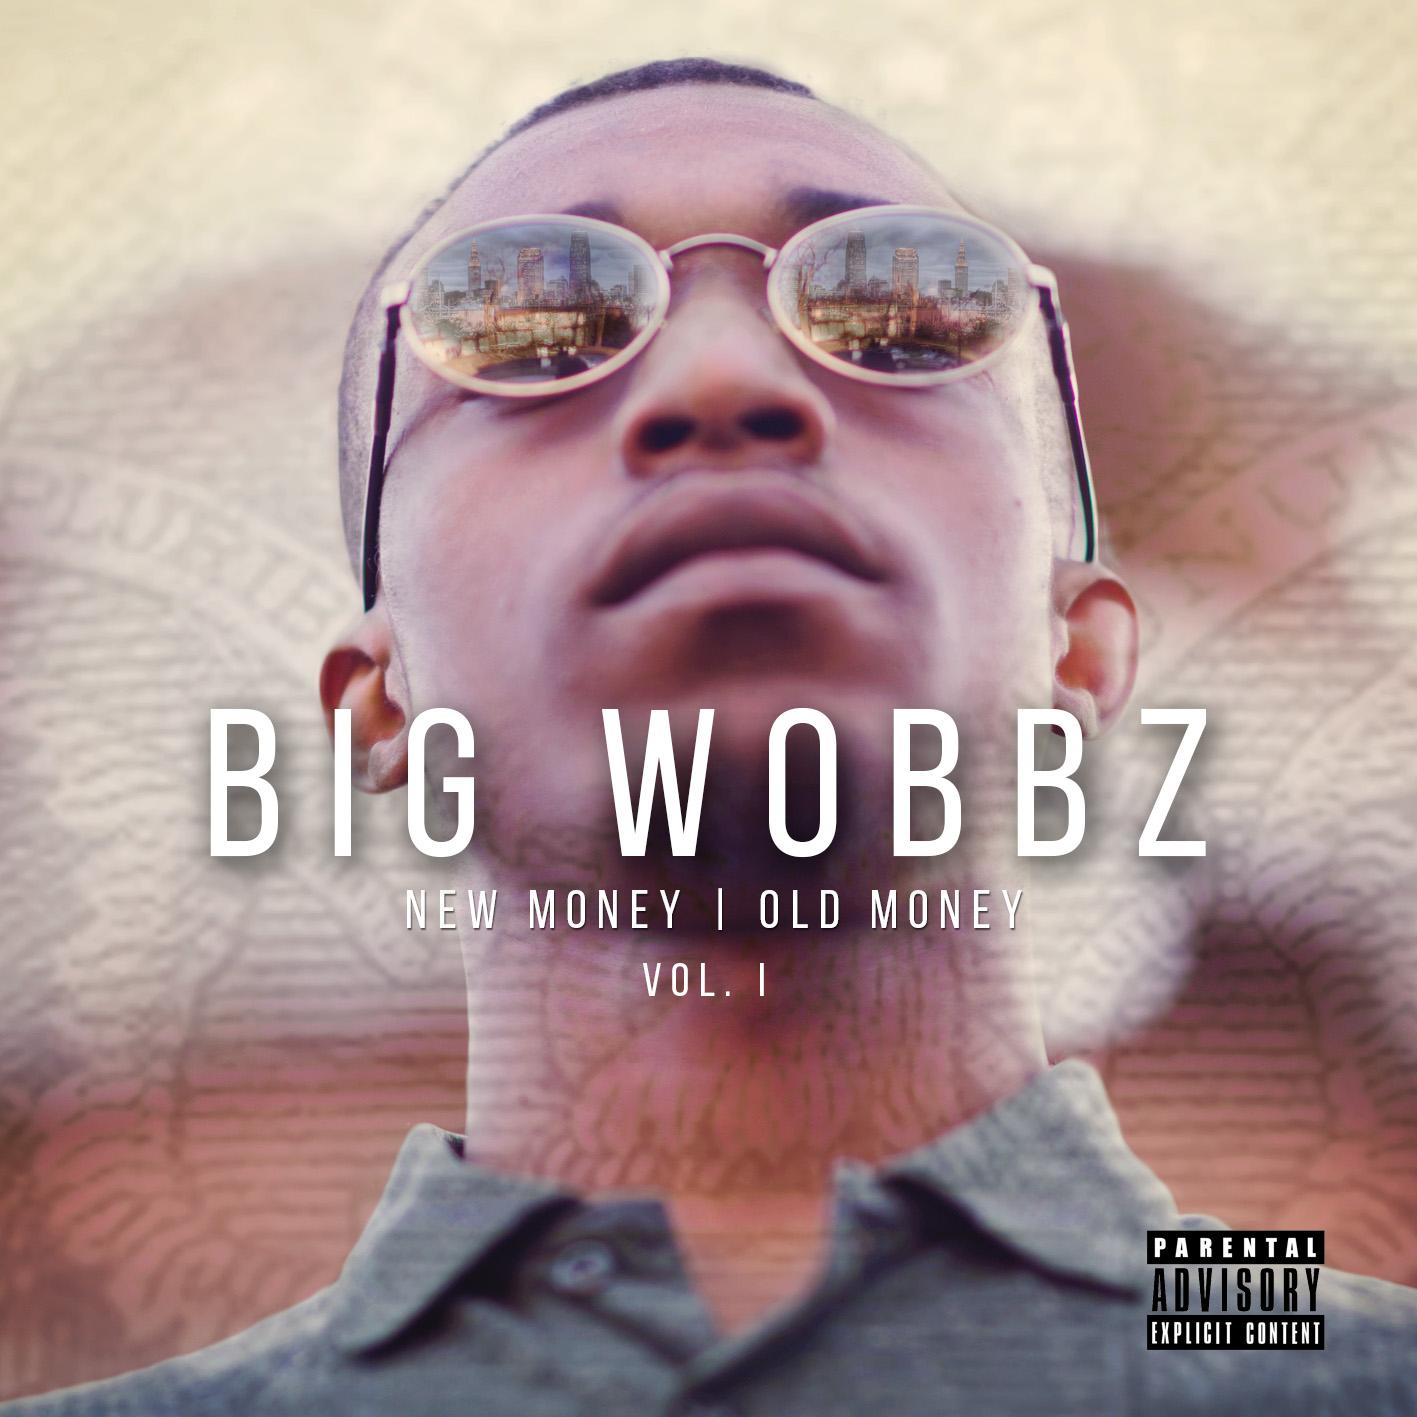 Big Wobbz Cover